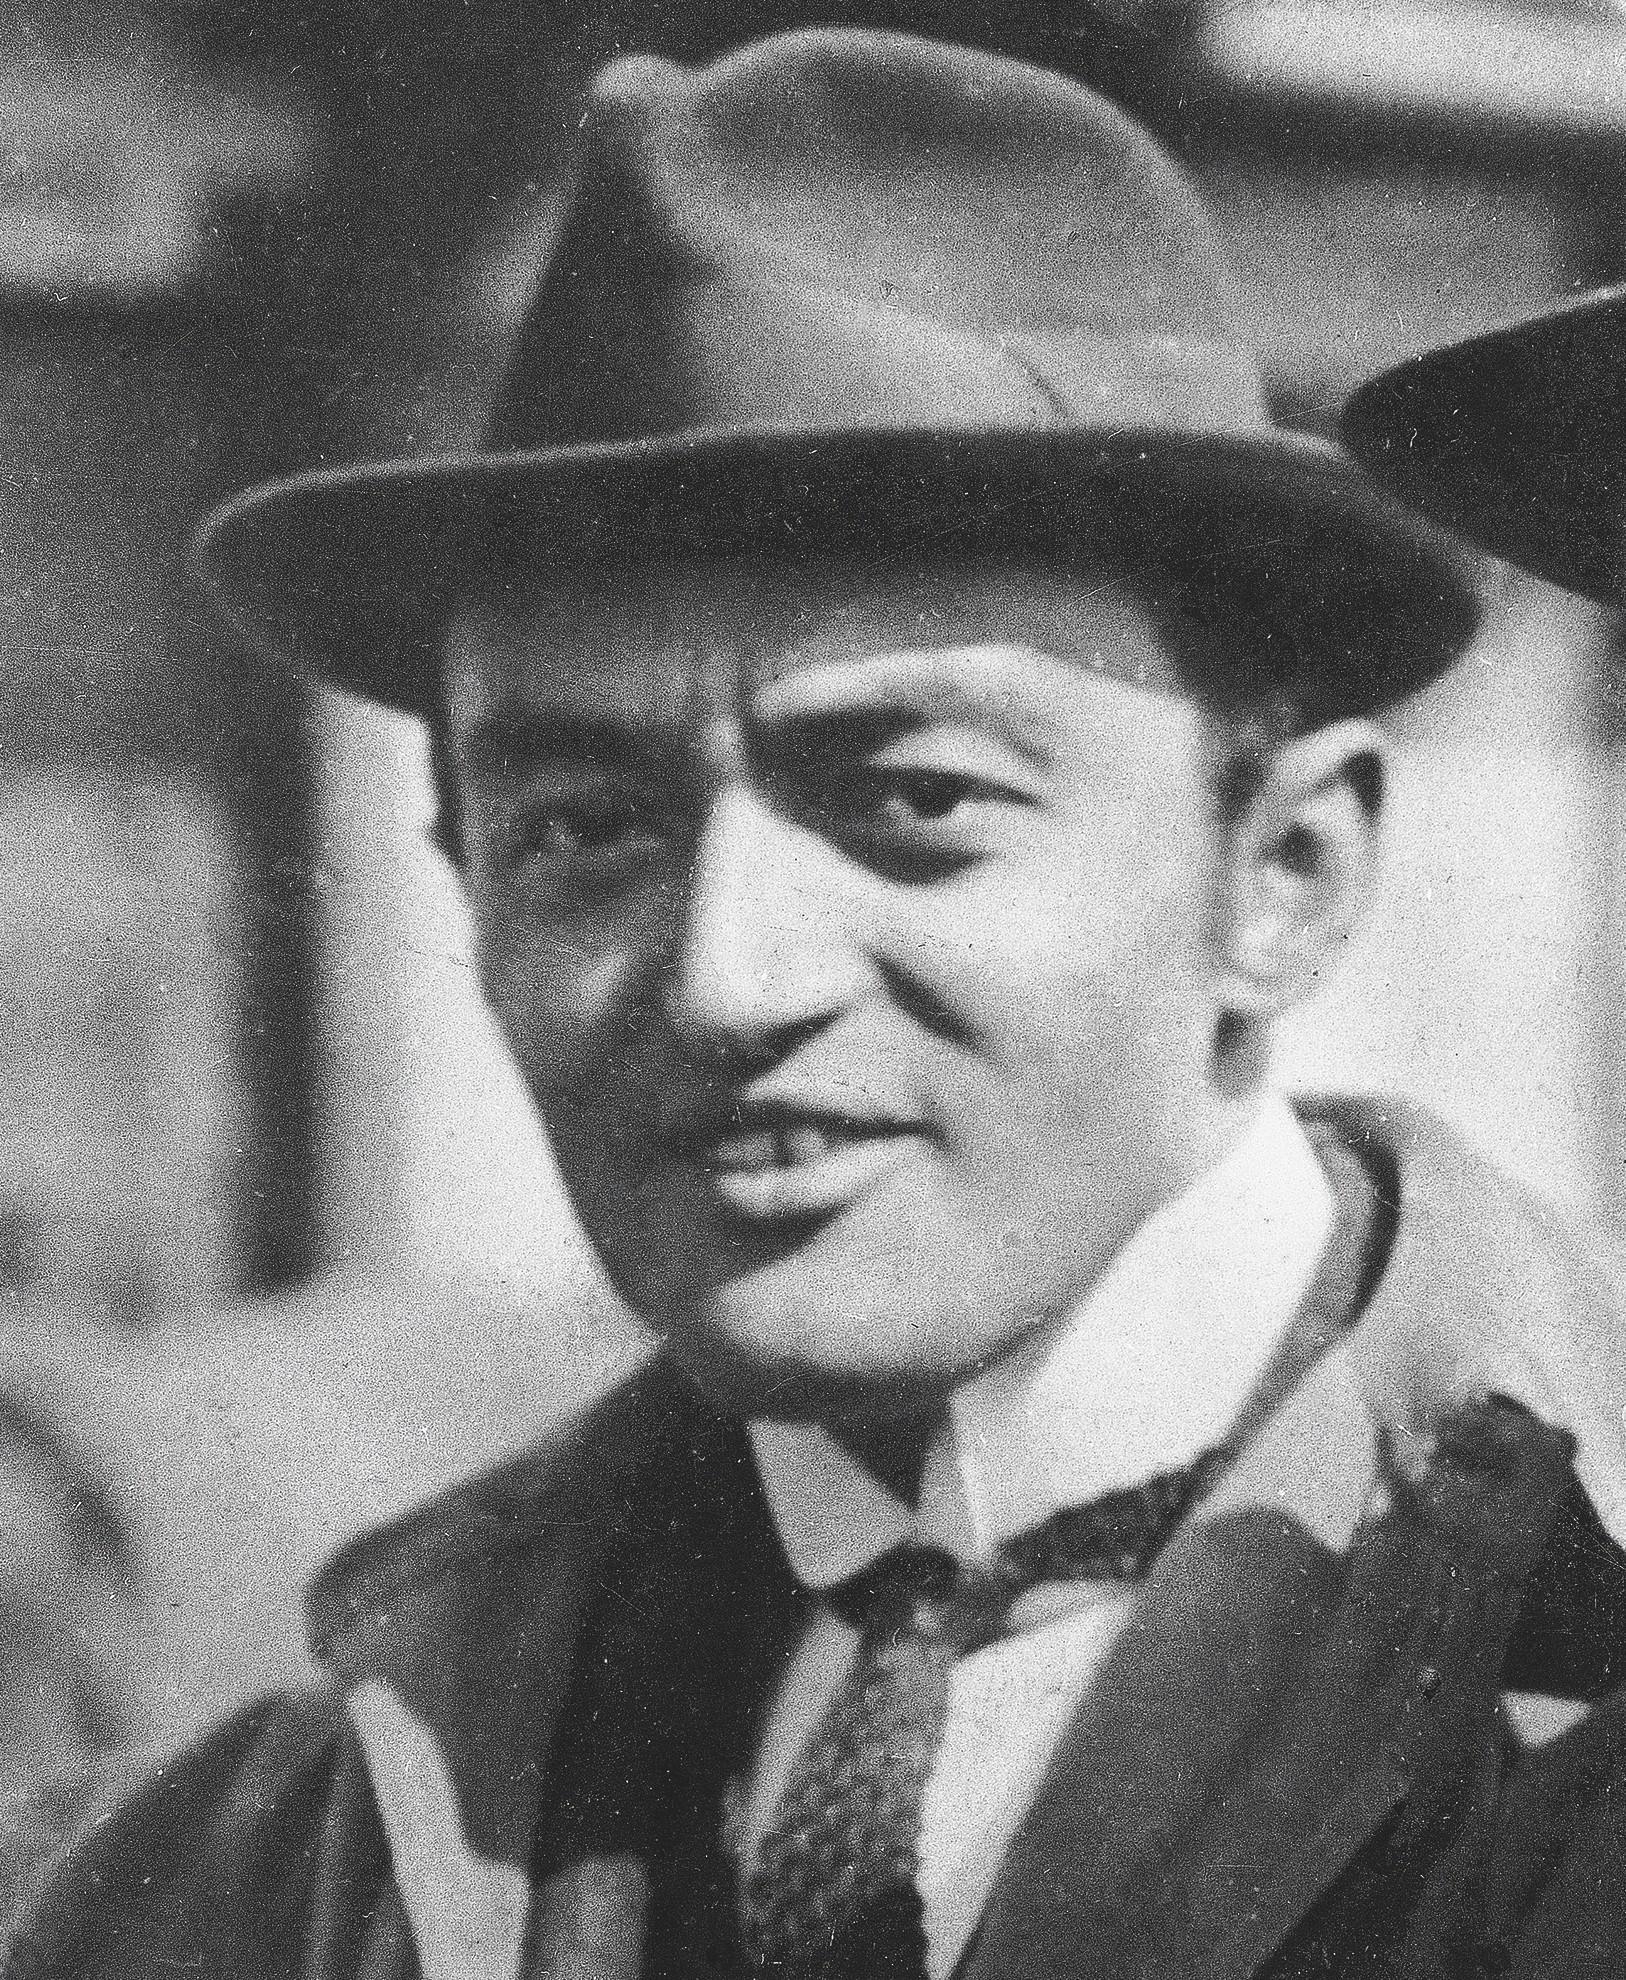 Joseph Aloïs Schumpeter